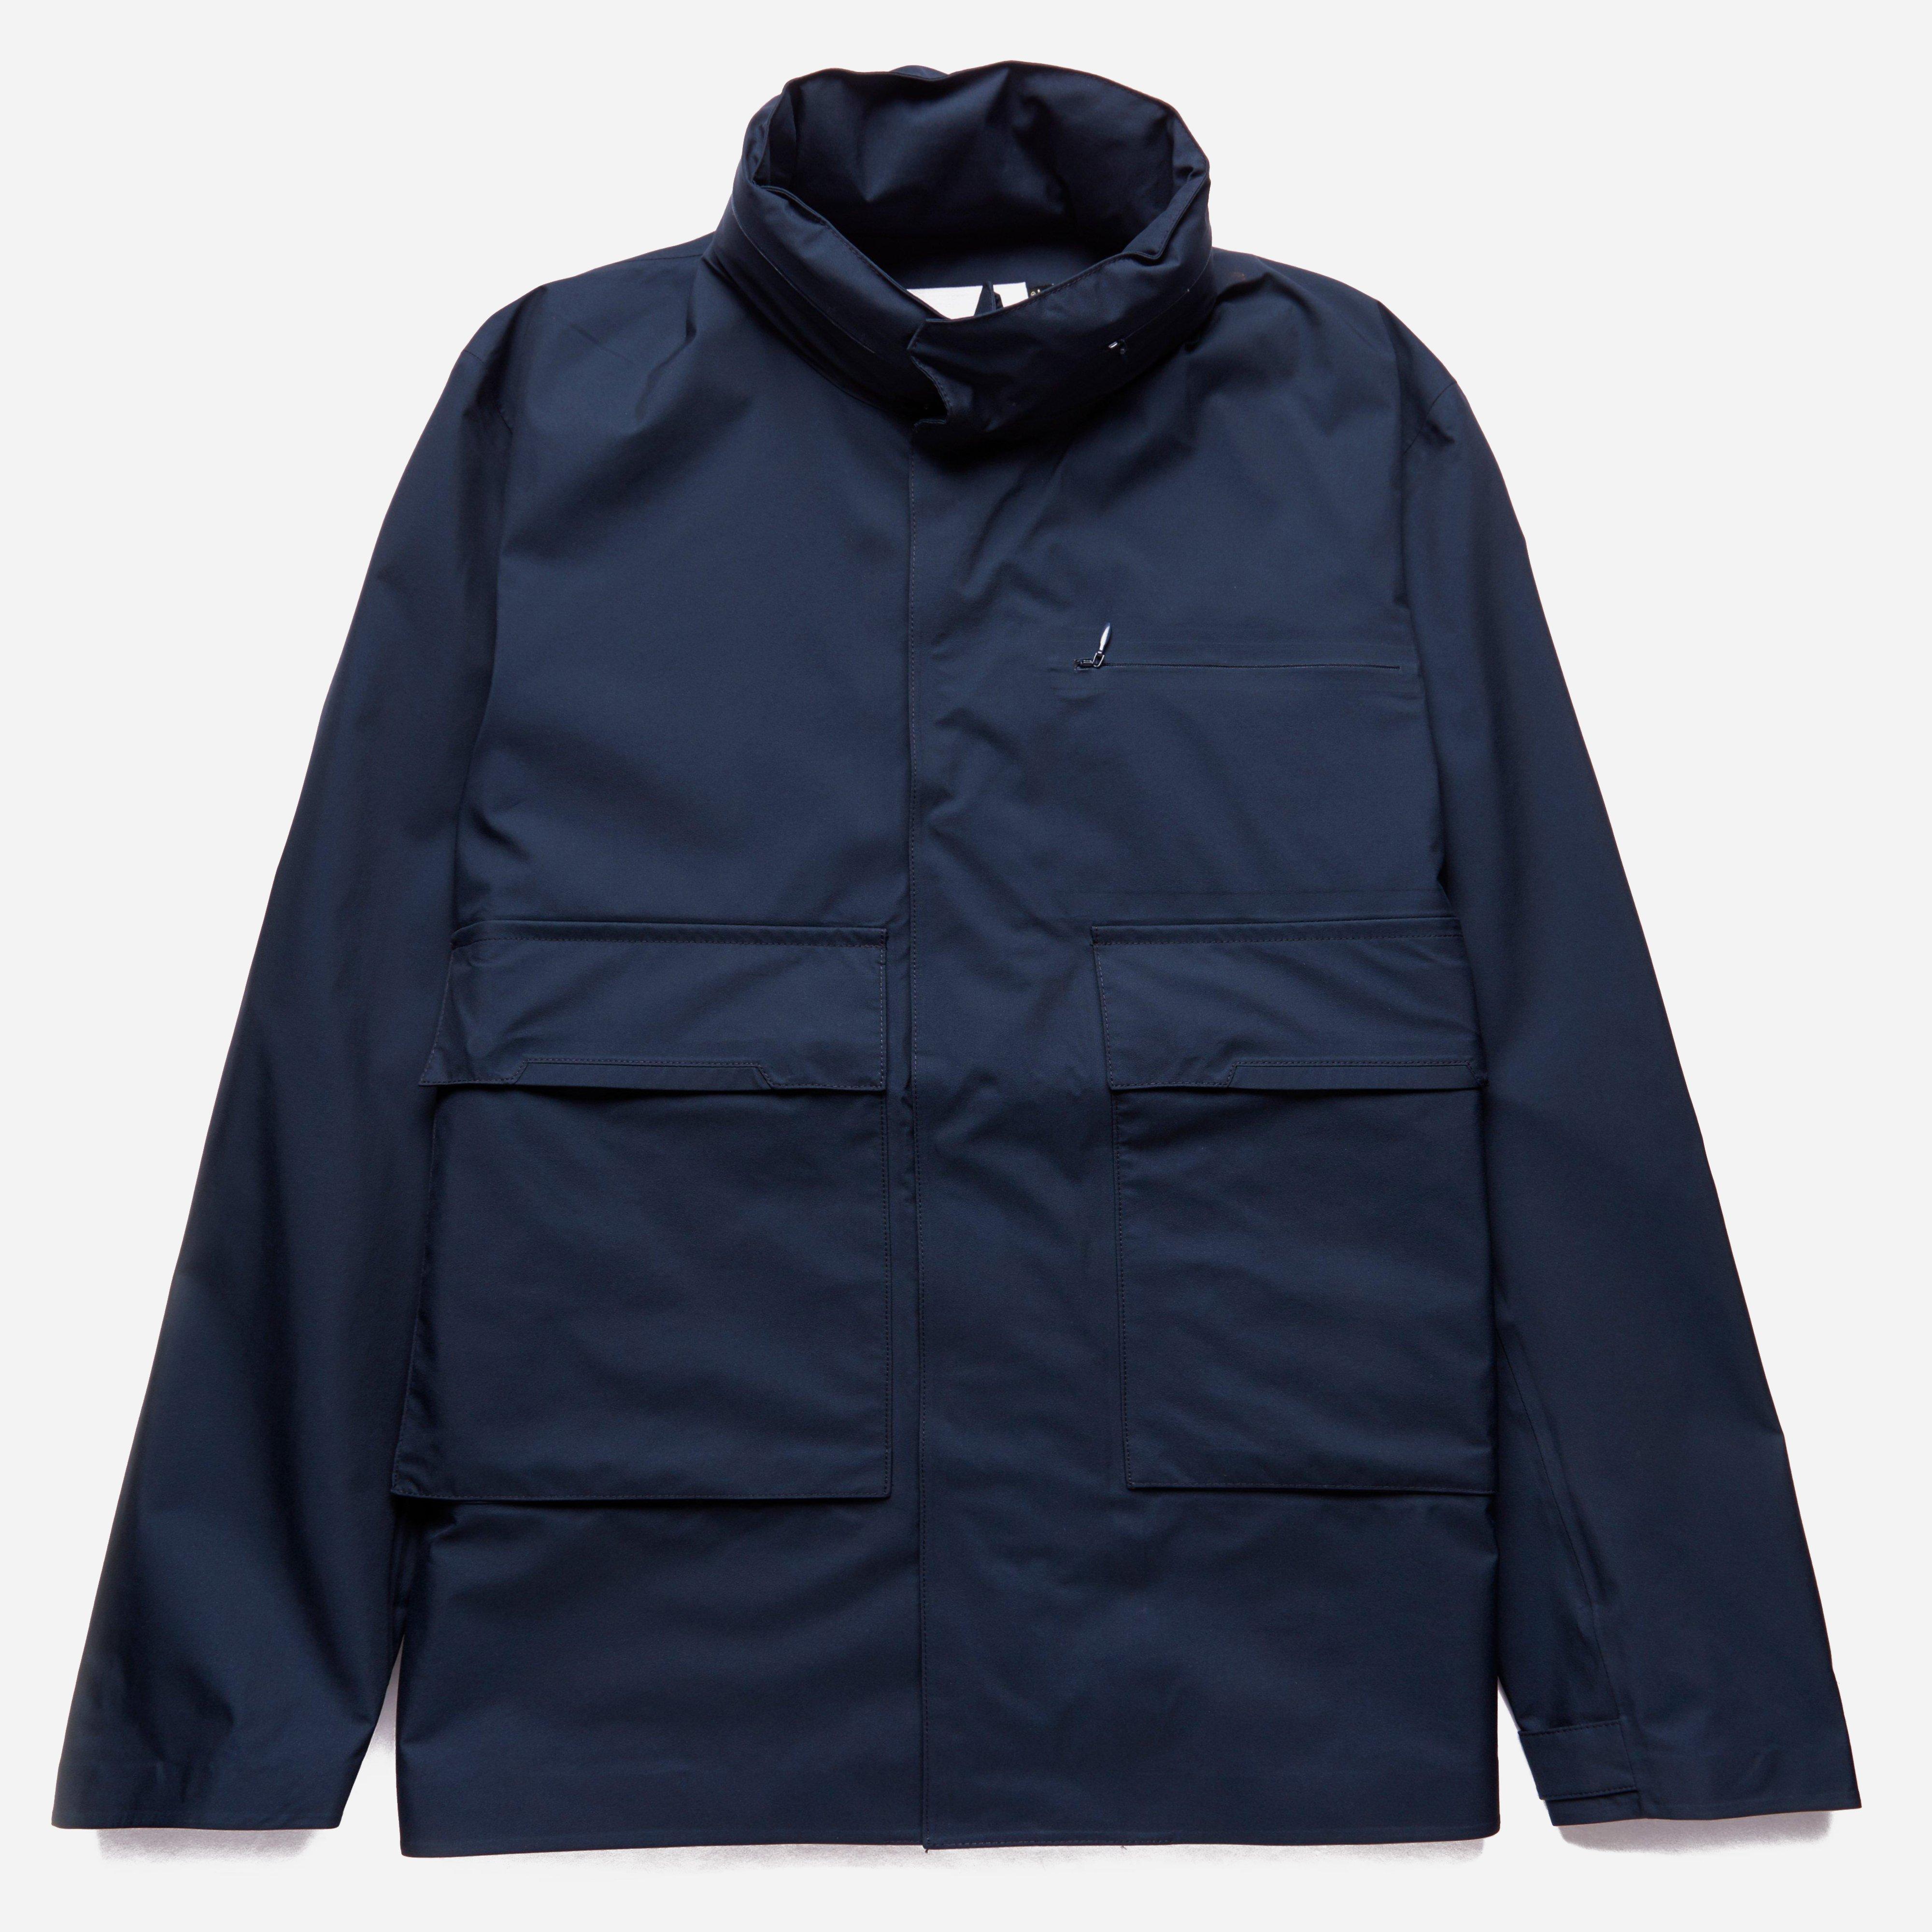 Nanamica Gore - Tex Jacket